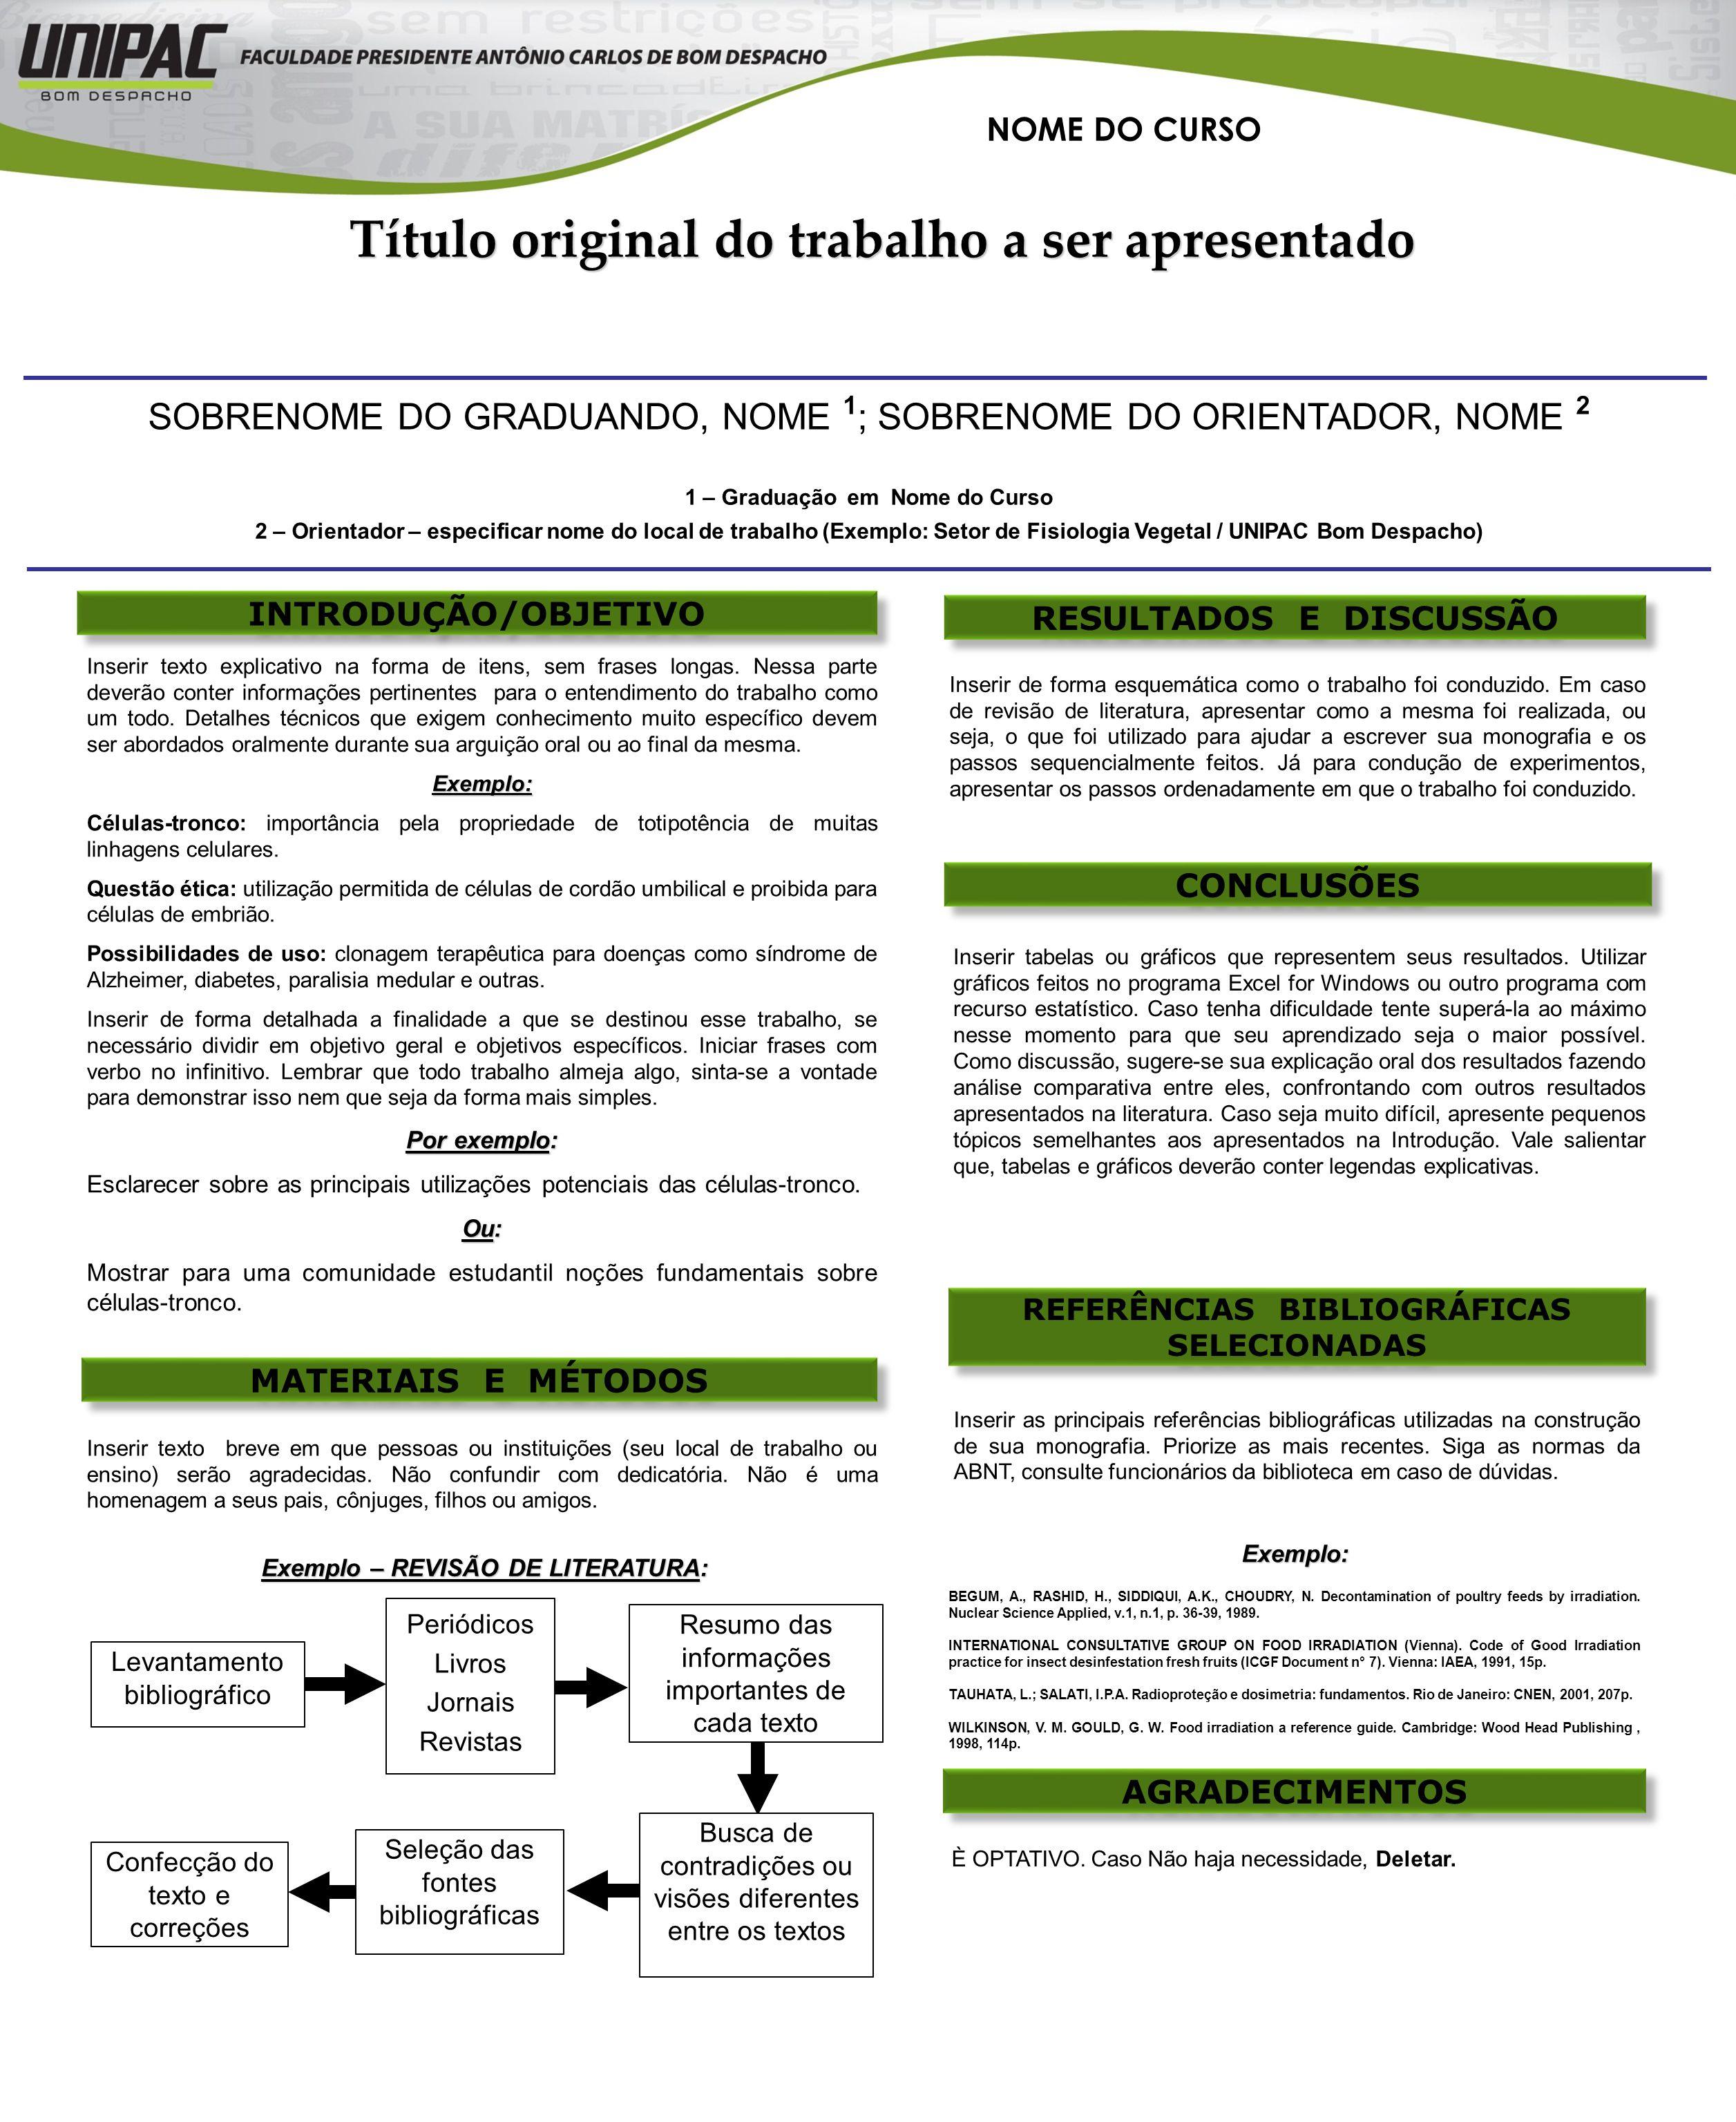 RESULTADOS E DISCUSSÃO INTRODUÇÃO/OBJETIVO SOBRENOME DO GRADUANDO, NOME 1 ; SOBRENOME DO ORIENTADOR, NOME 2 1 – Graduação em Nome do Curso 2 – Orientador – especificar nome do local de trabalho (Exemplo: Setor de Fisiologia Vegetal / UNIPAC Bom Despacho) REFERÊNCIAS BIBLIOGRÁFICAS SELECIONADAS MATERIAIS E MÉTODOS CONCLUSÕES Inserir texto explicativo na forma de itens, sem frases longas.